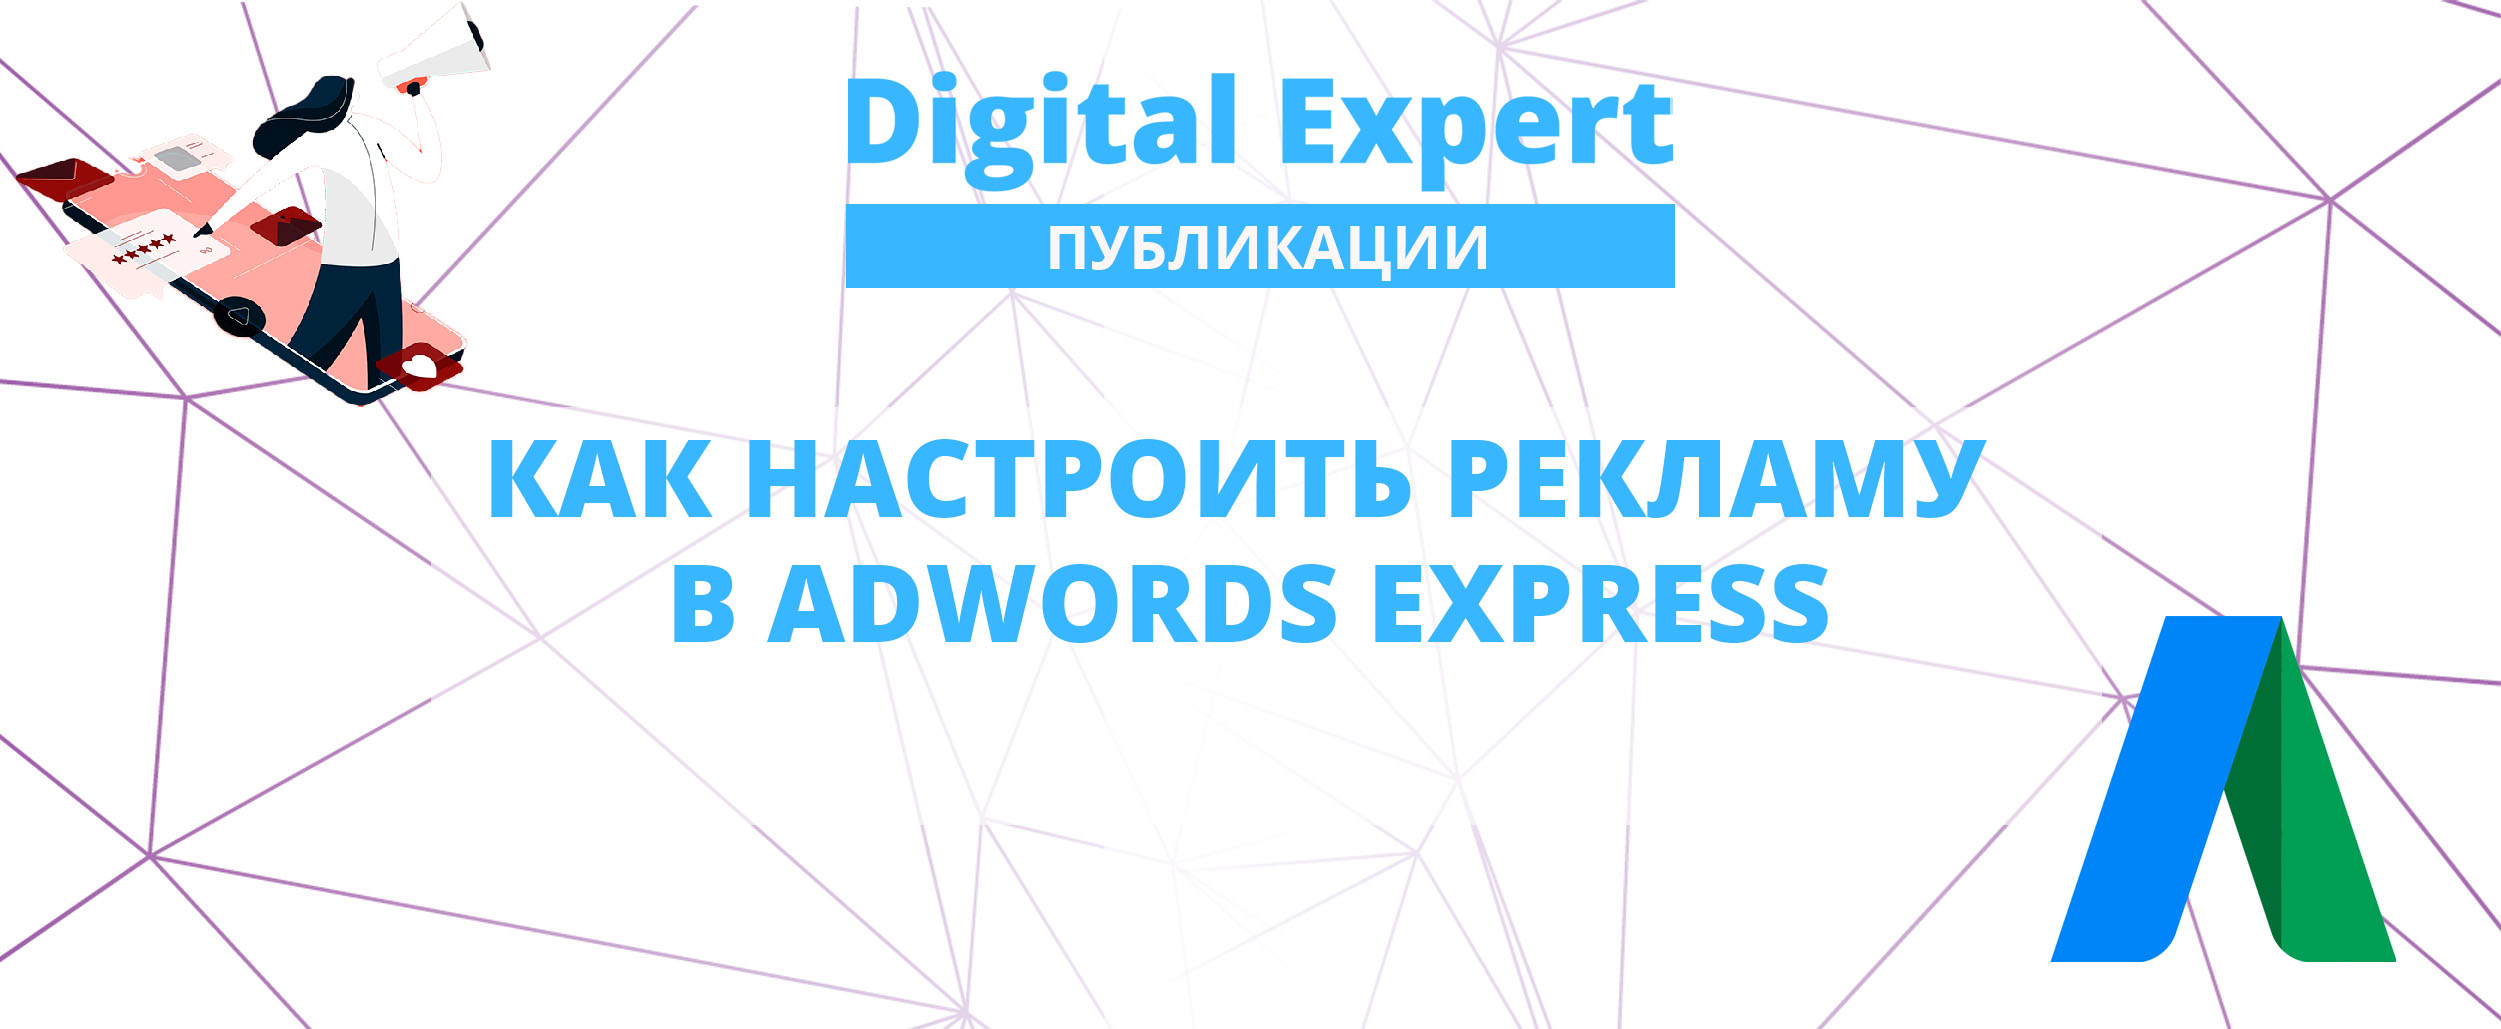 Как настроить рекламу в Adwords Express